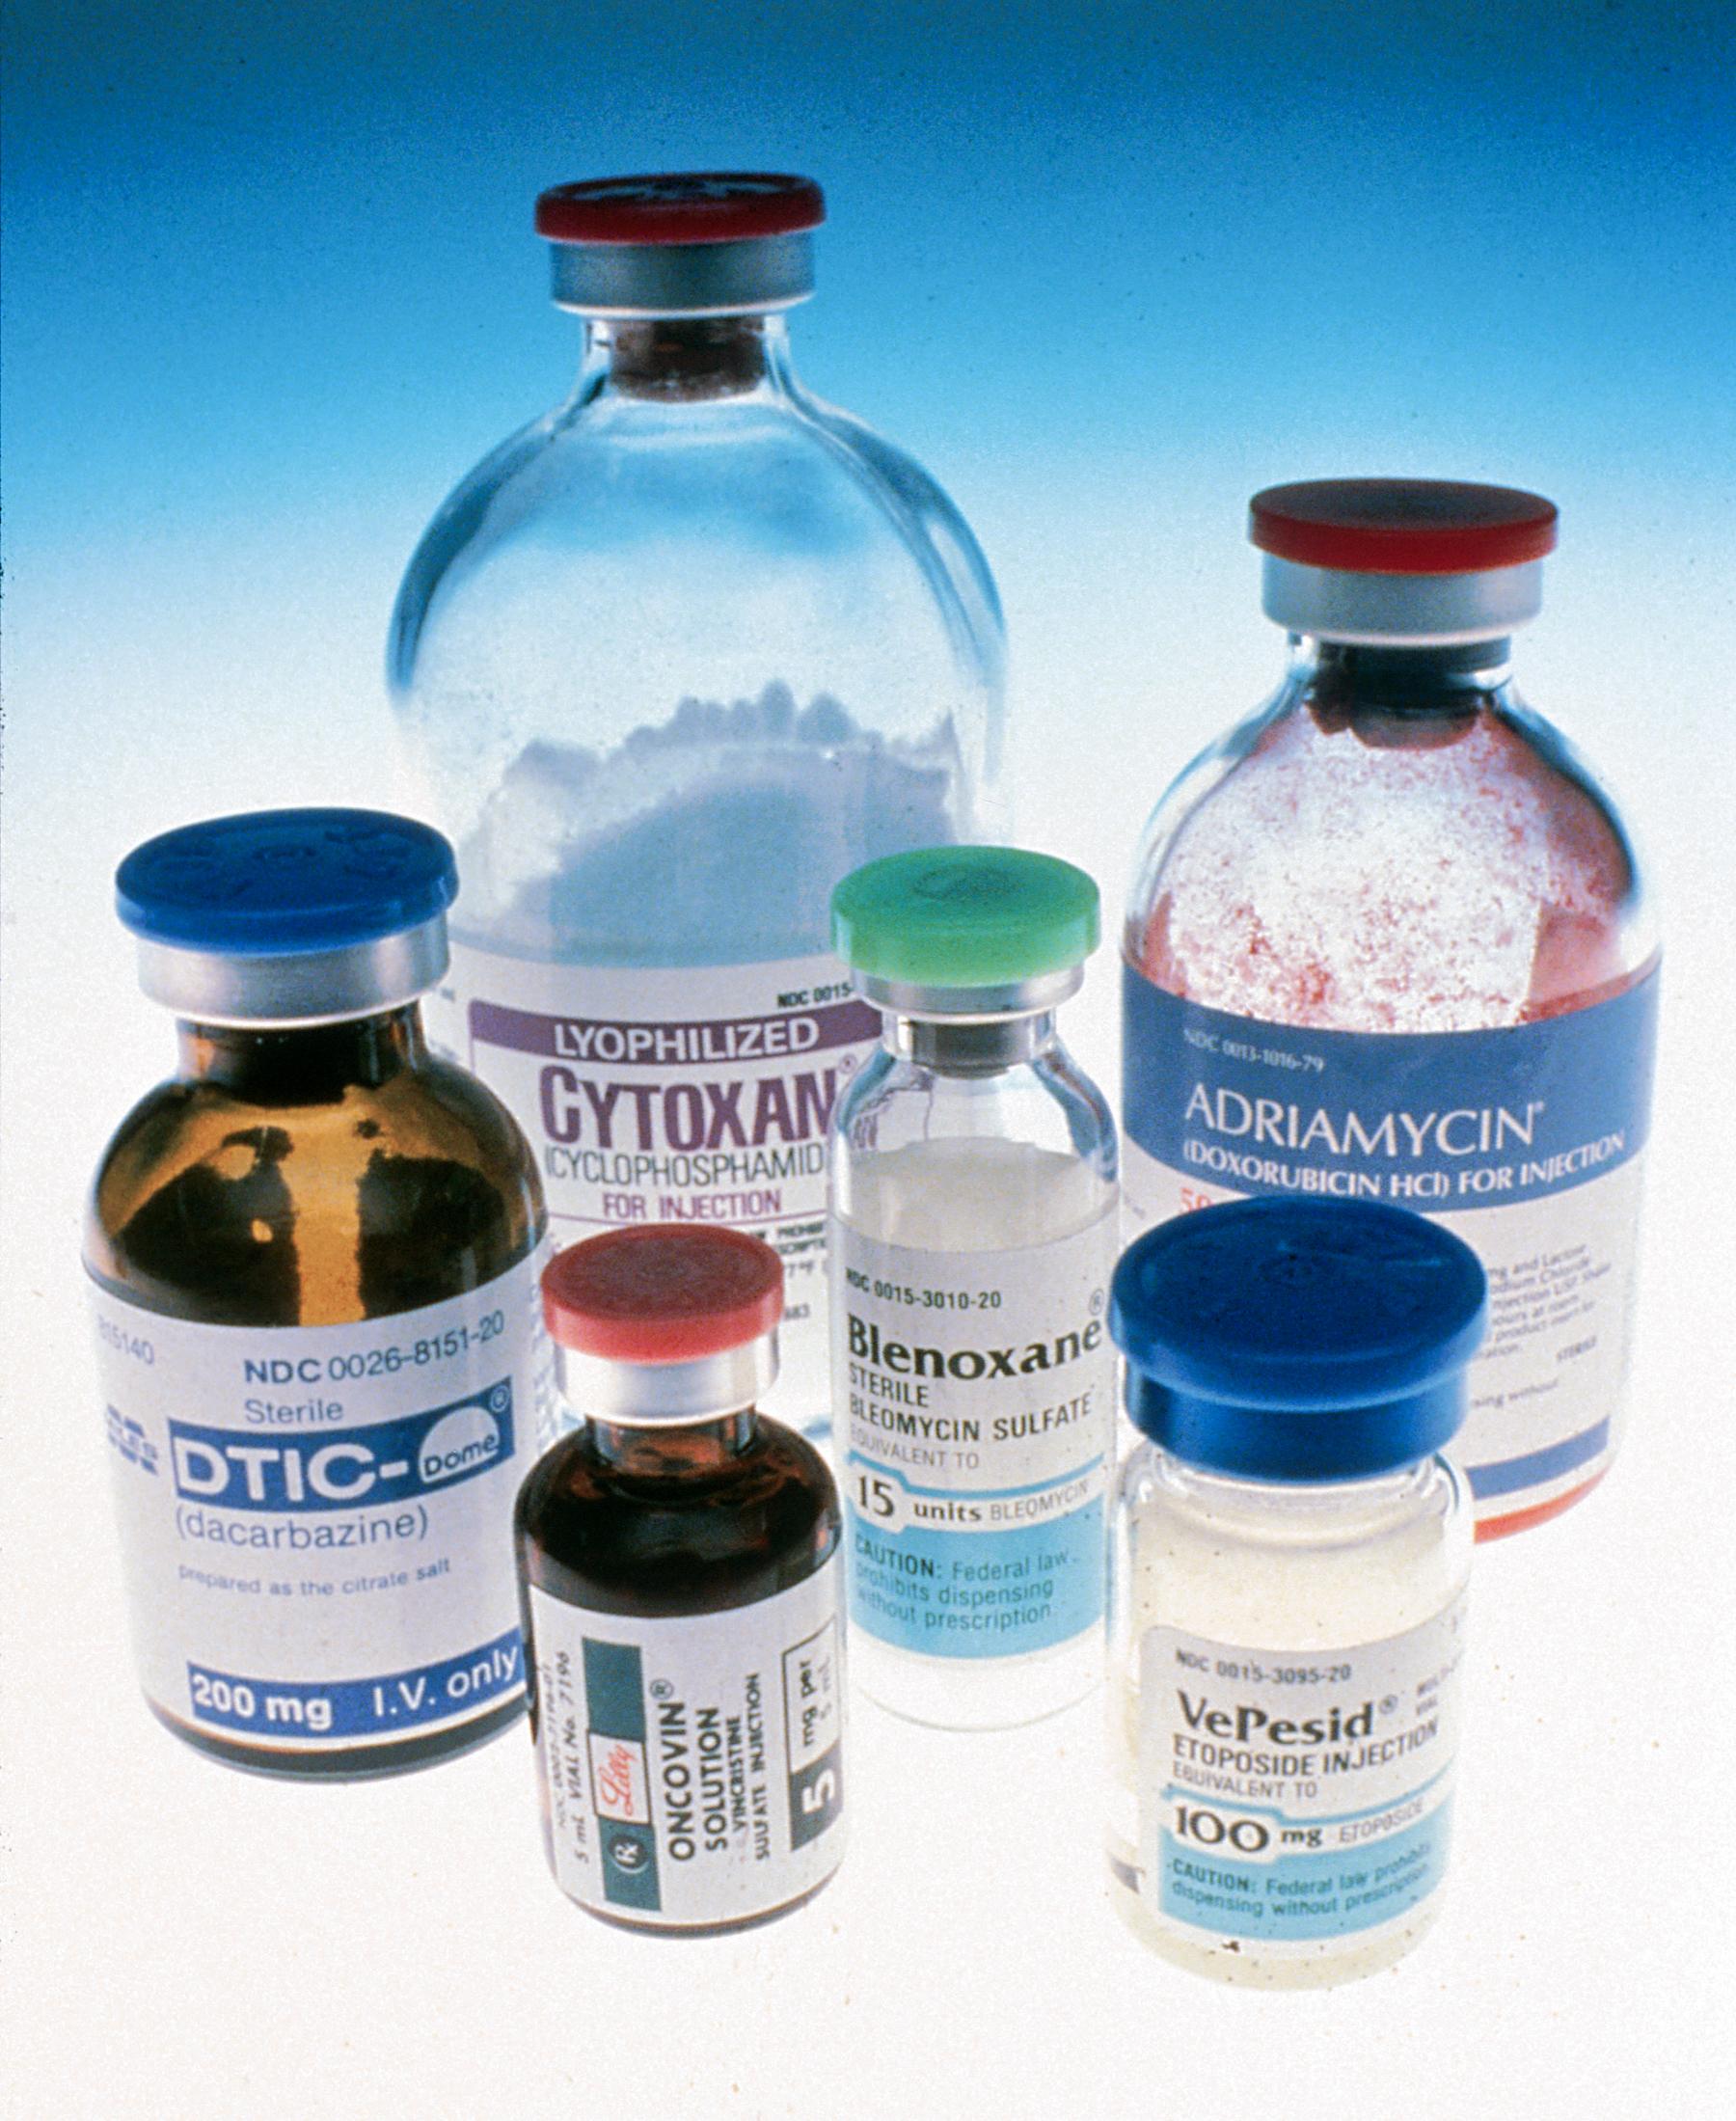 mi károsítja az ízületeket, milyen gyógyszerek